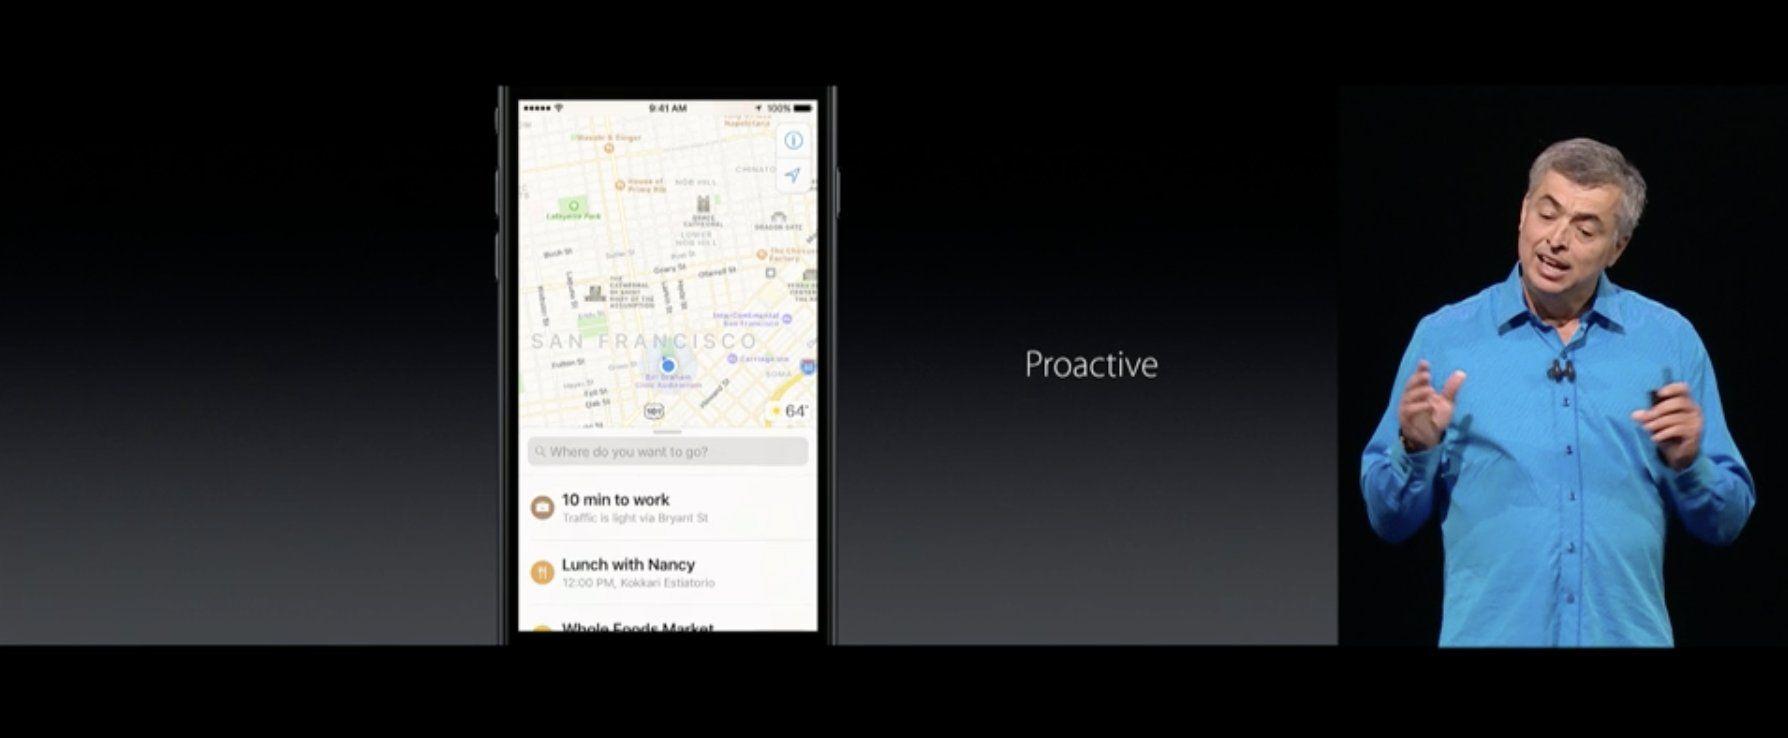 Maps ahora predicirá a donde quieres ir en función de tus hábitos o agenda https://t.co/D2yBwenorP #WWDC2016 https://t.co/wjv6Xpxlrj